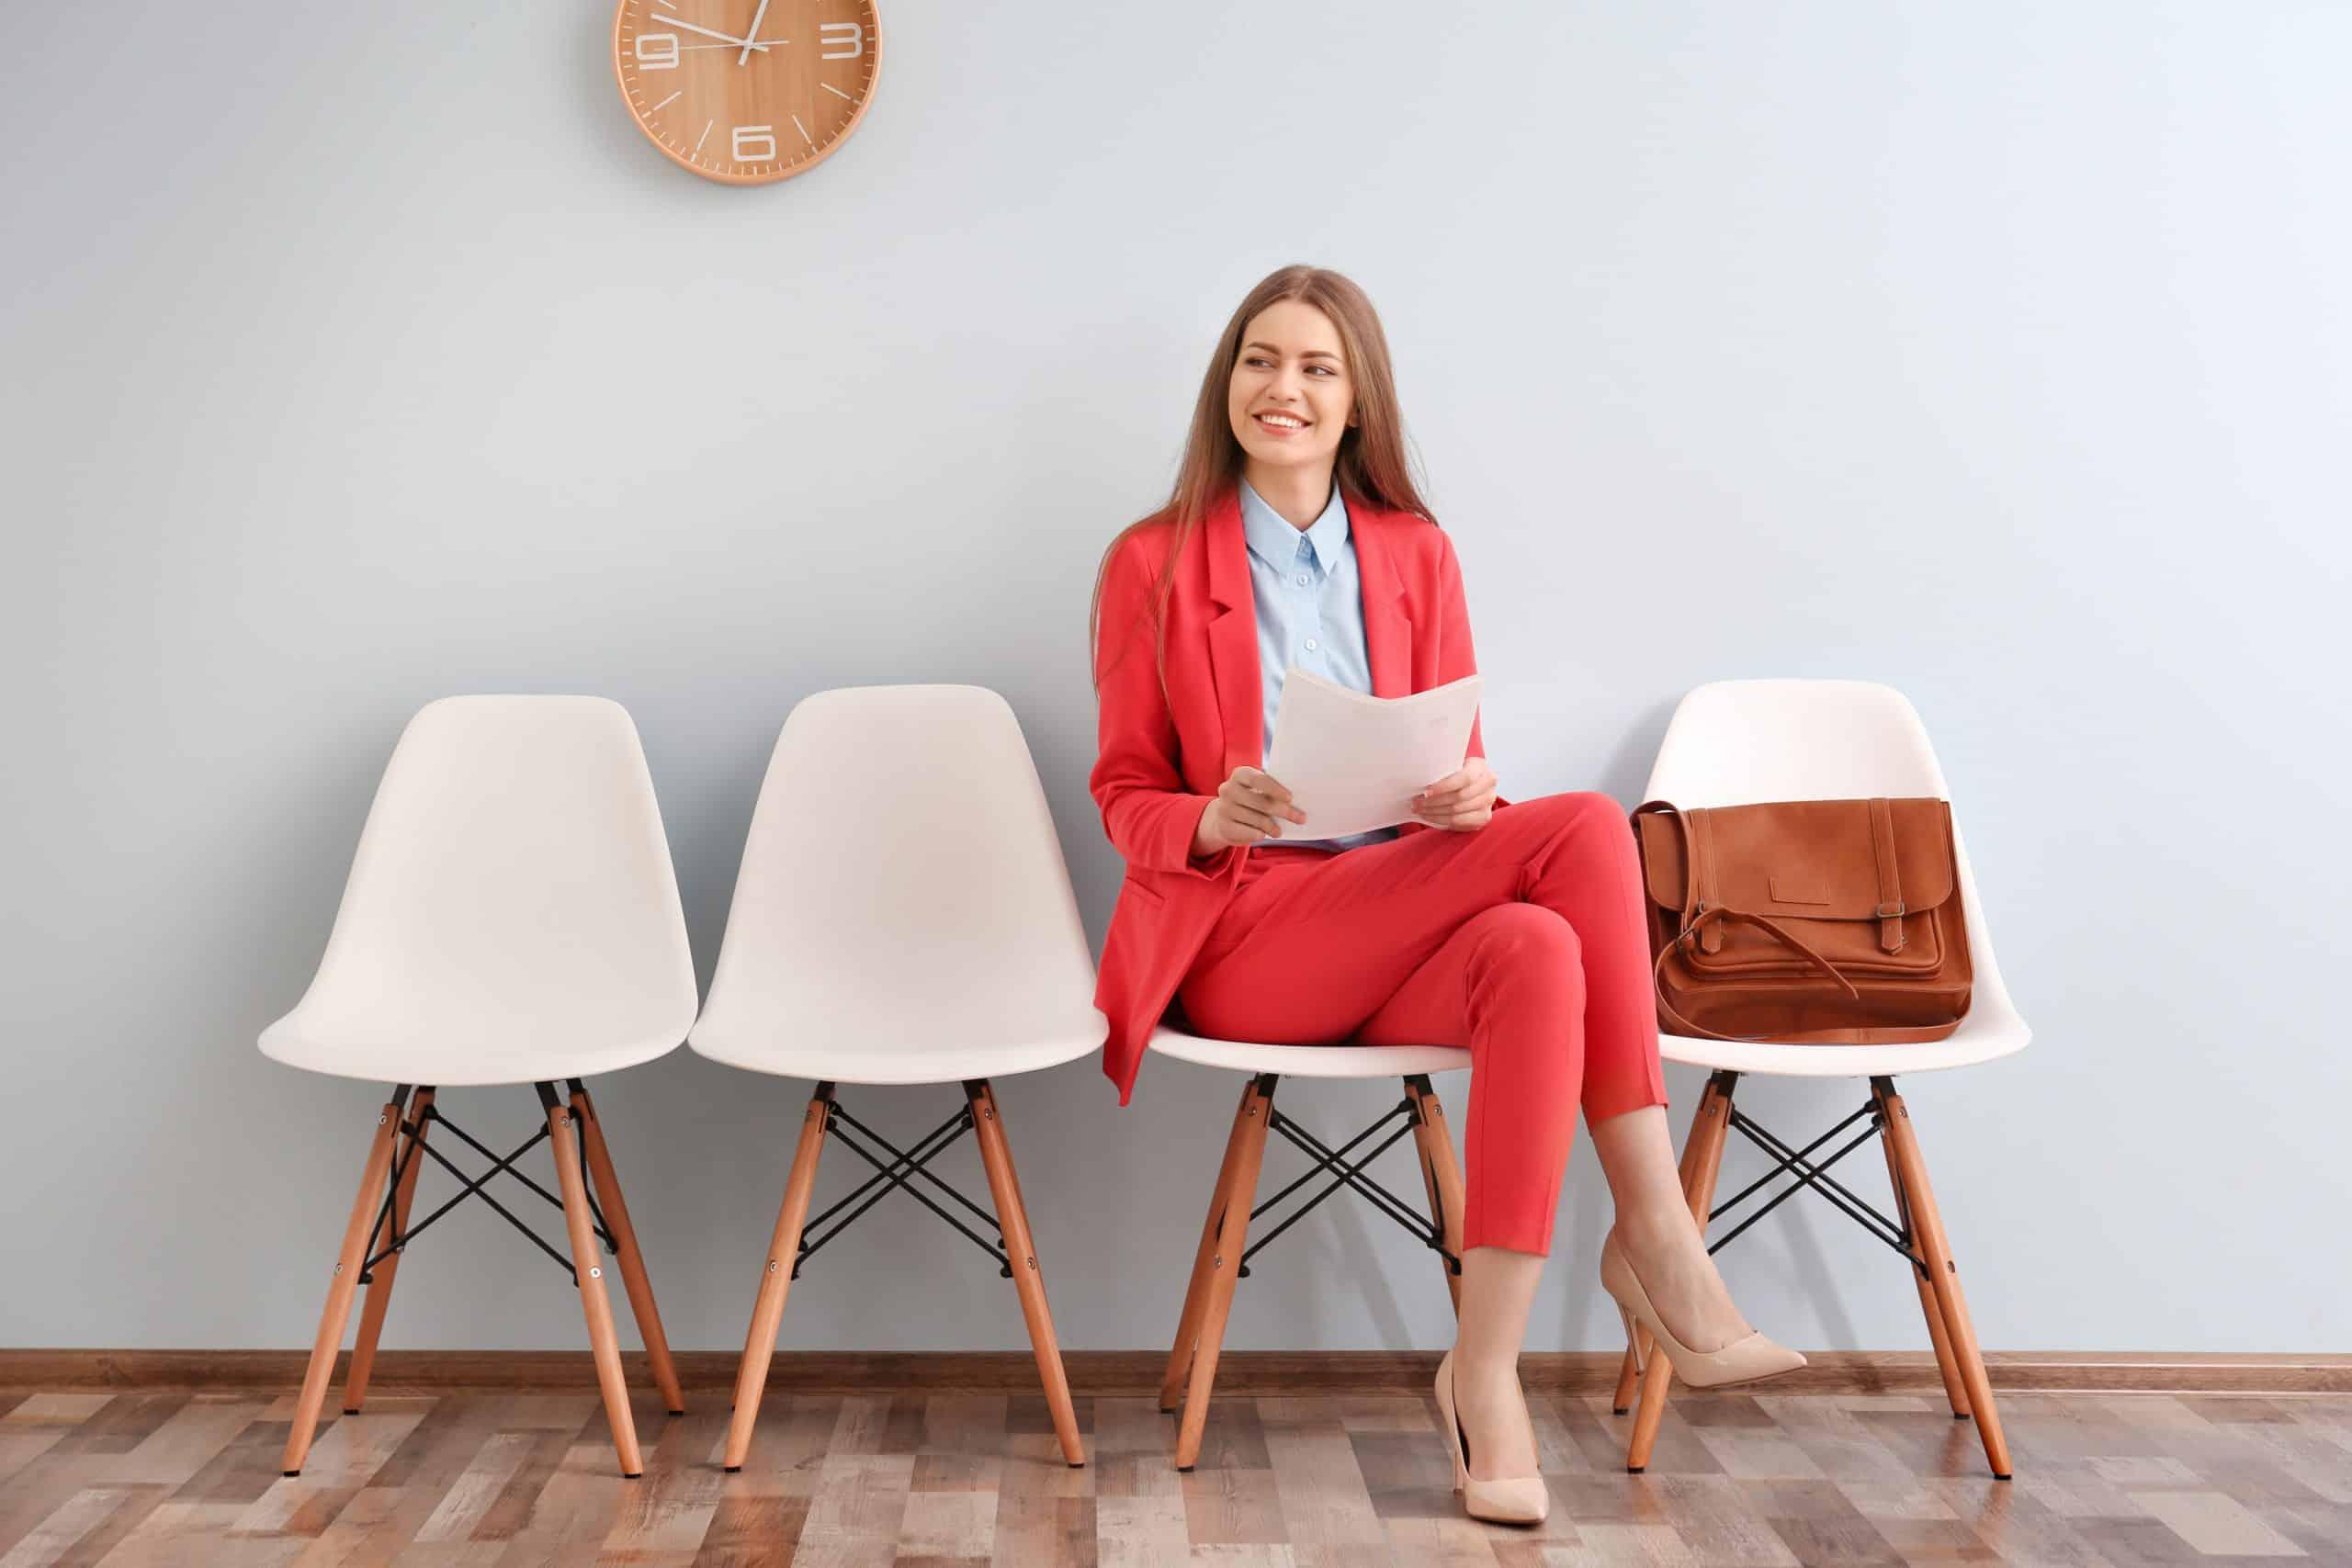 oppas in roze pak zit te wachten op stoel terwijl ze verzekering papieren bekijkt